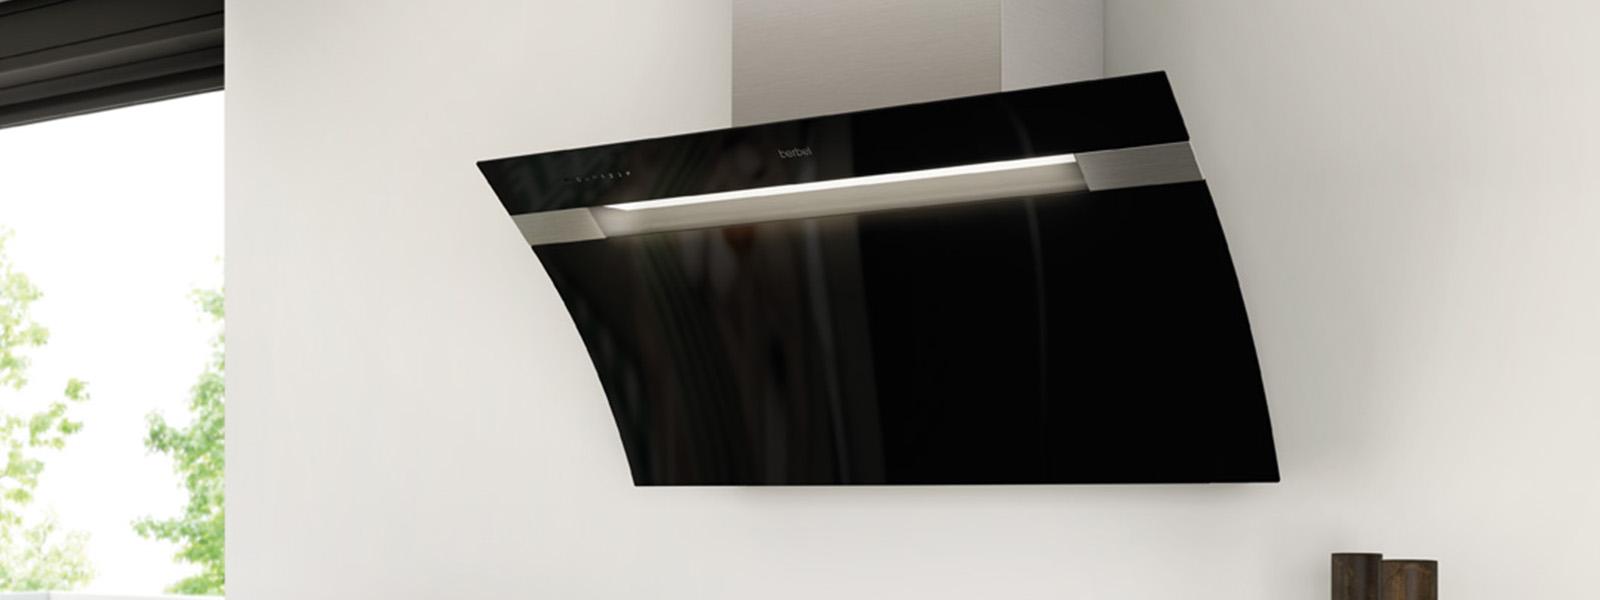 https://www.berbel.de/fileadmin/media/images/produkte/kopffreihauben/glassline/berbel-produktabb-bkh-glassline-perspektive.jpg